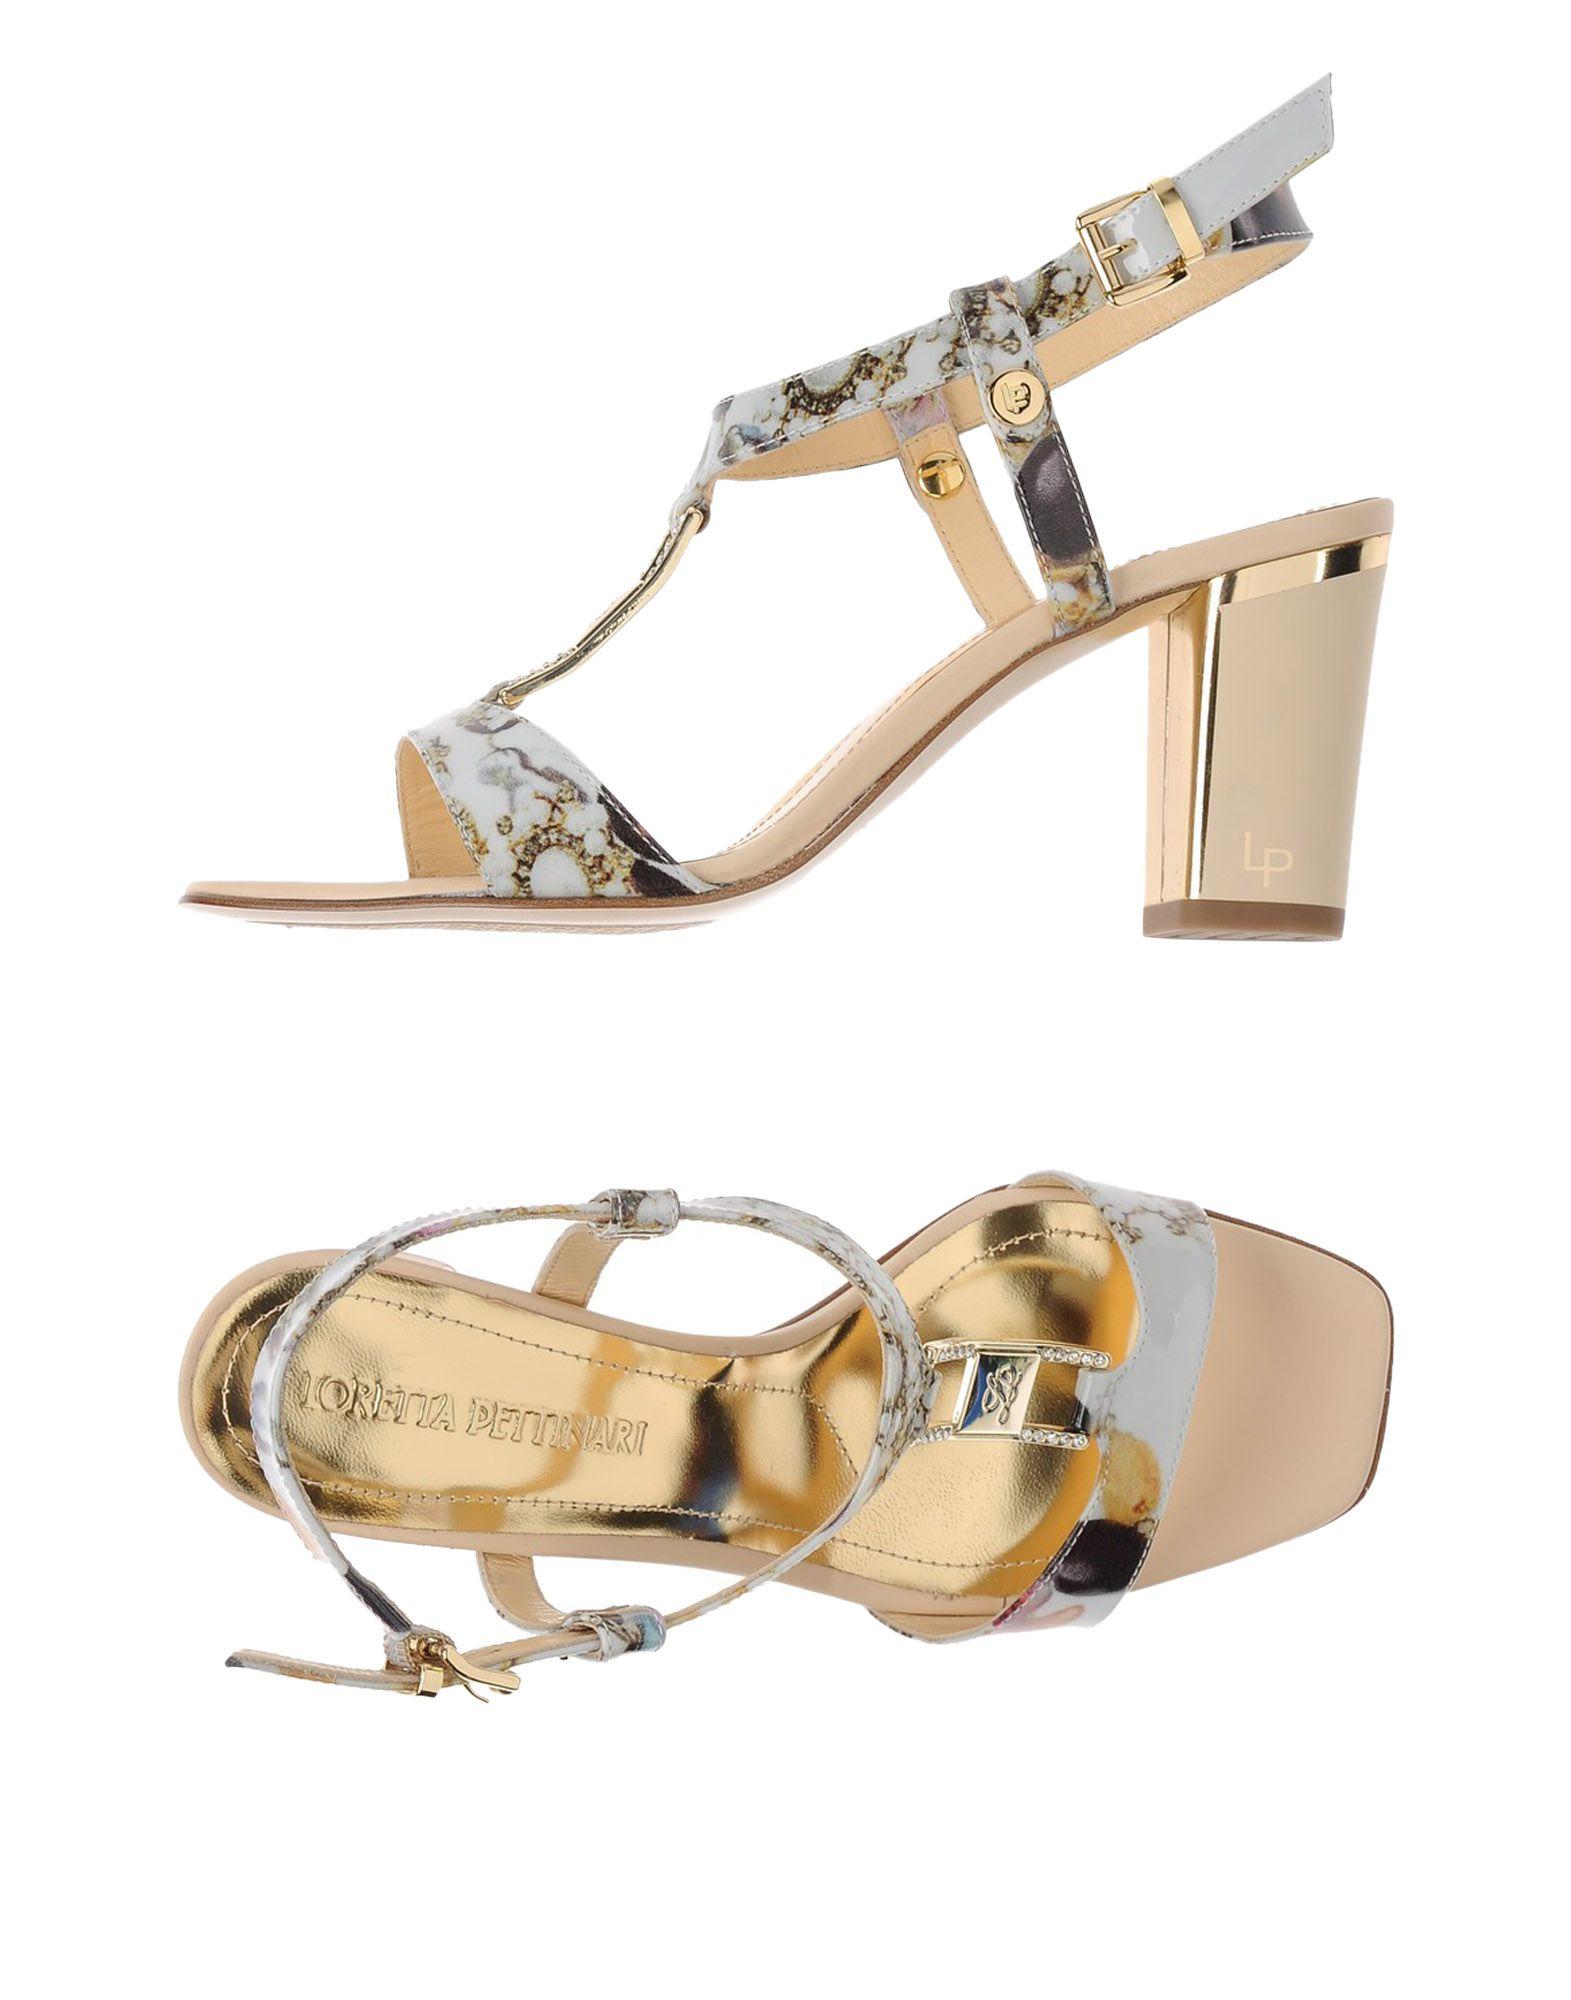 FOOTWEAR FOOTWEAR Pettinari Pettinari FOOTWEAR Boots Loretta ... be6dc12680